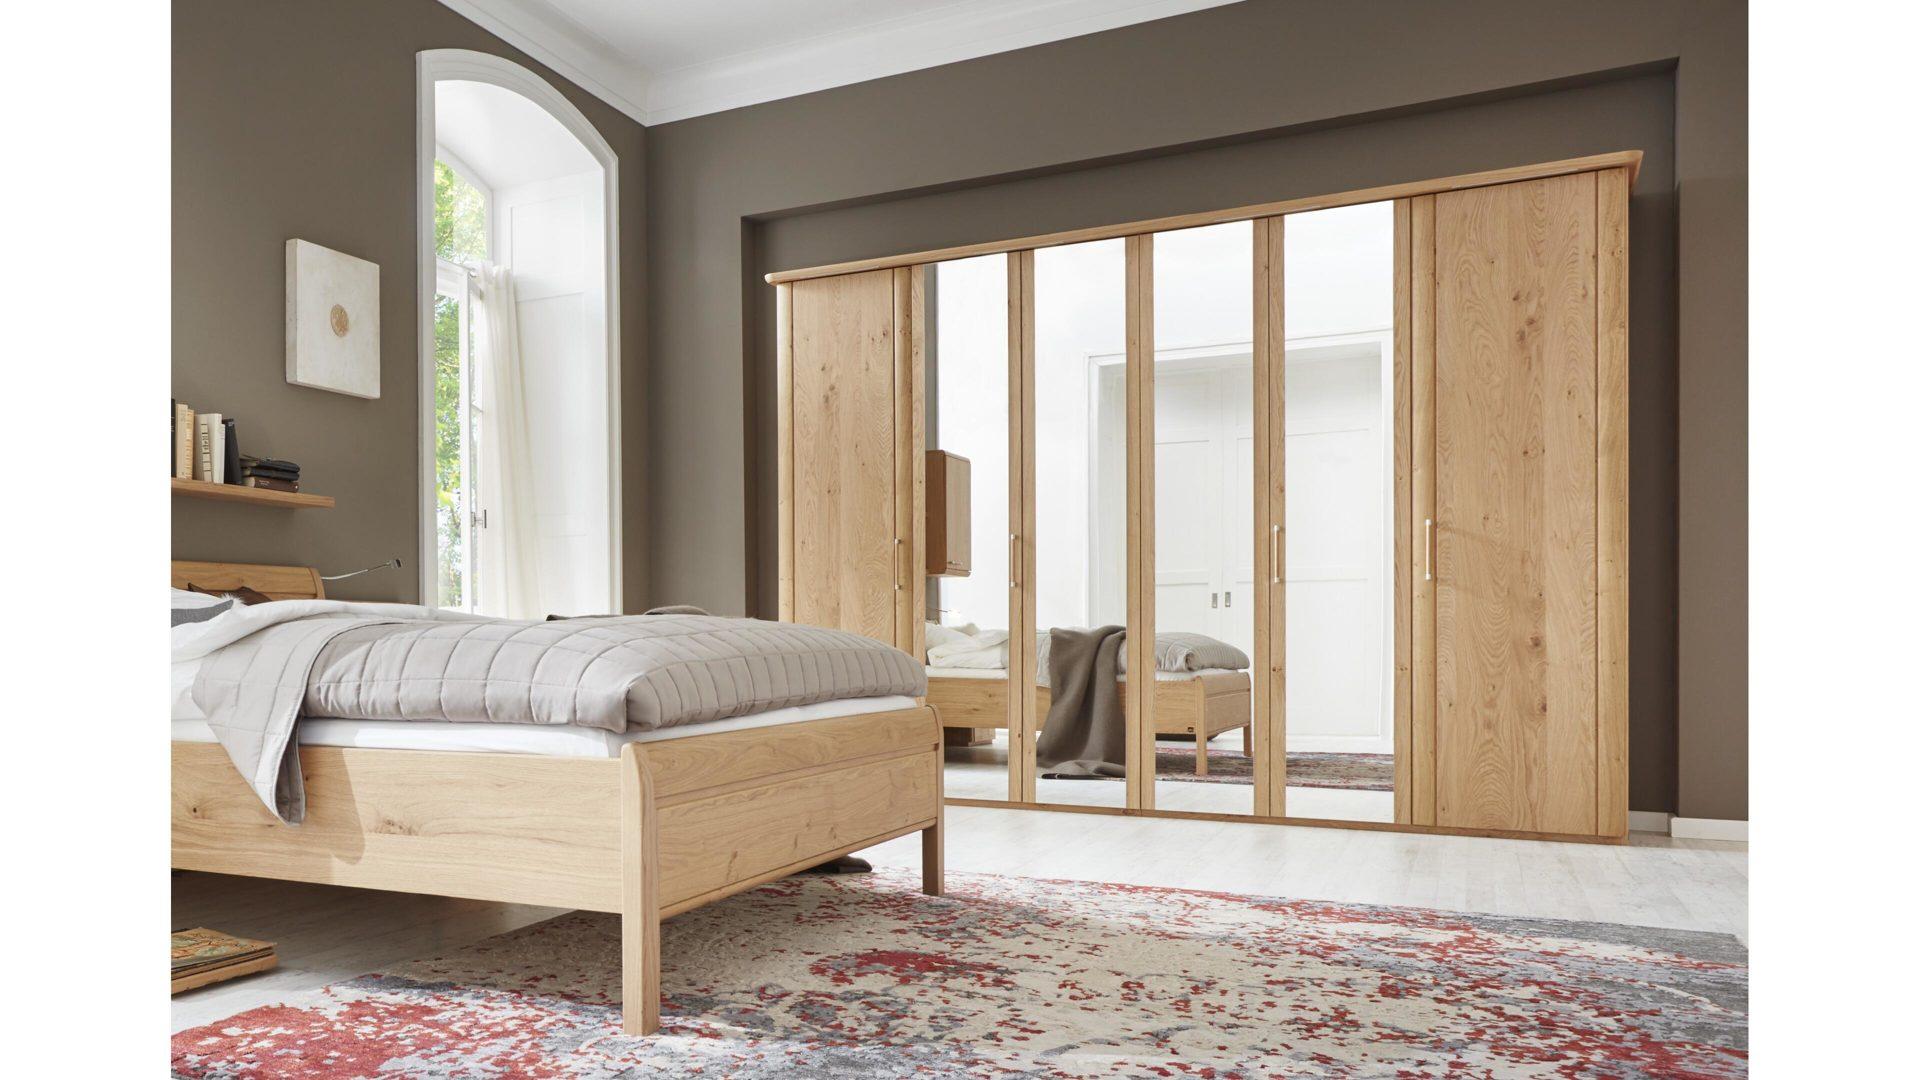 Interliving Schlafzimmer Serie 1001 Kleiderschrank